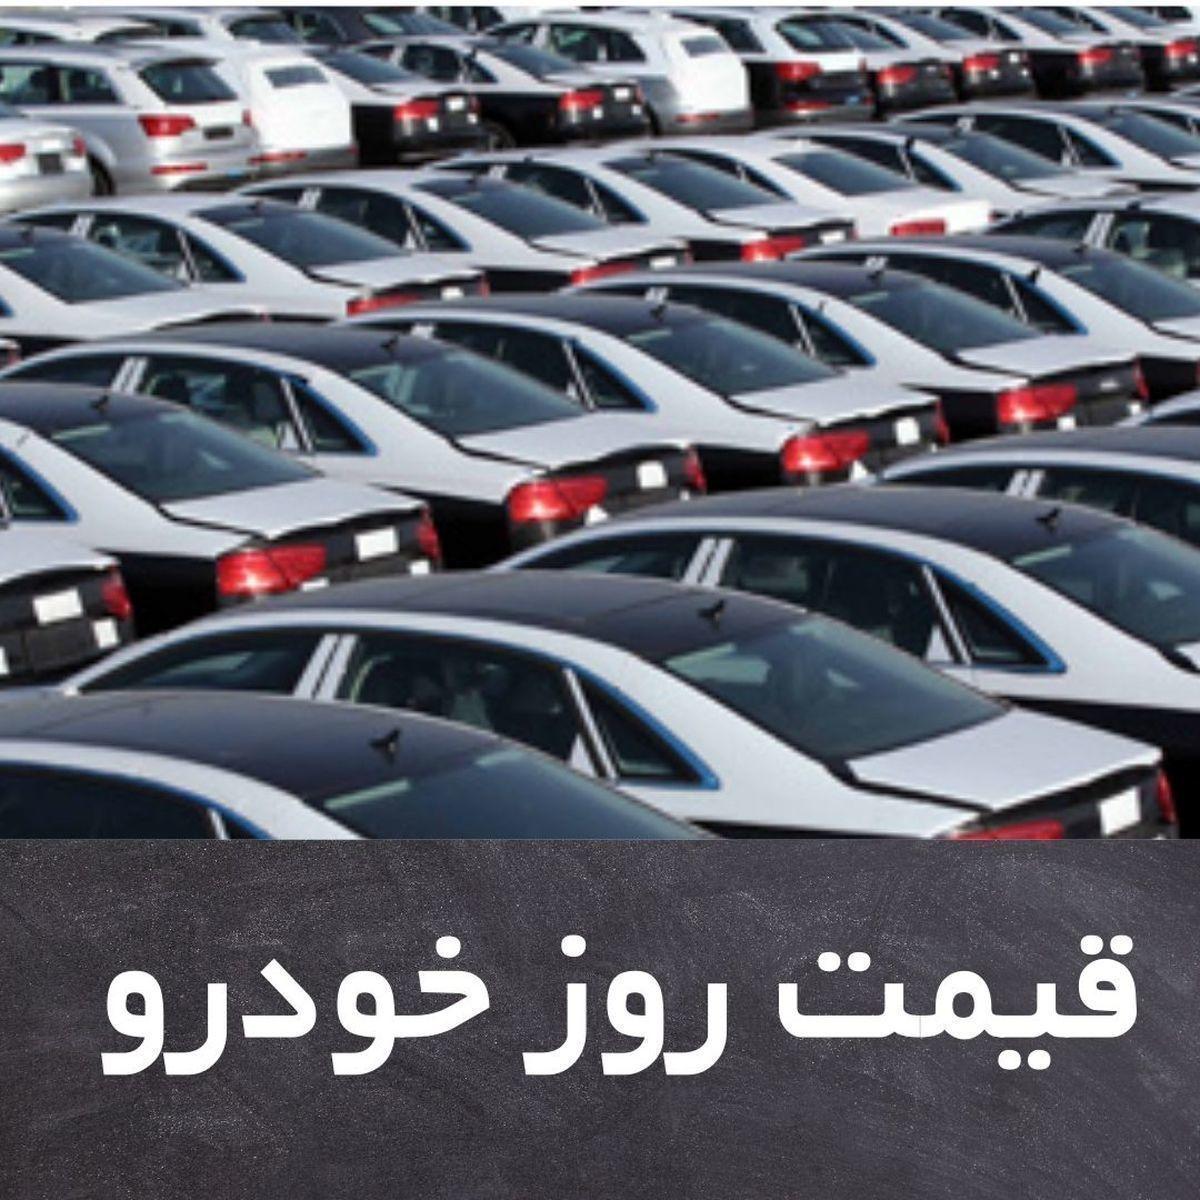 قیمت روز خودرو دوشنبه 20 اردیبهشت + جدول